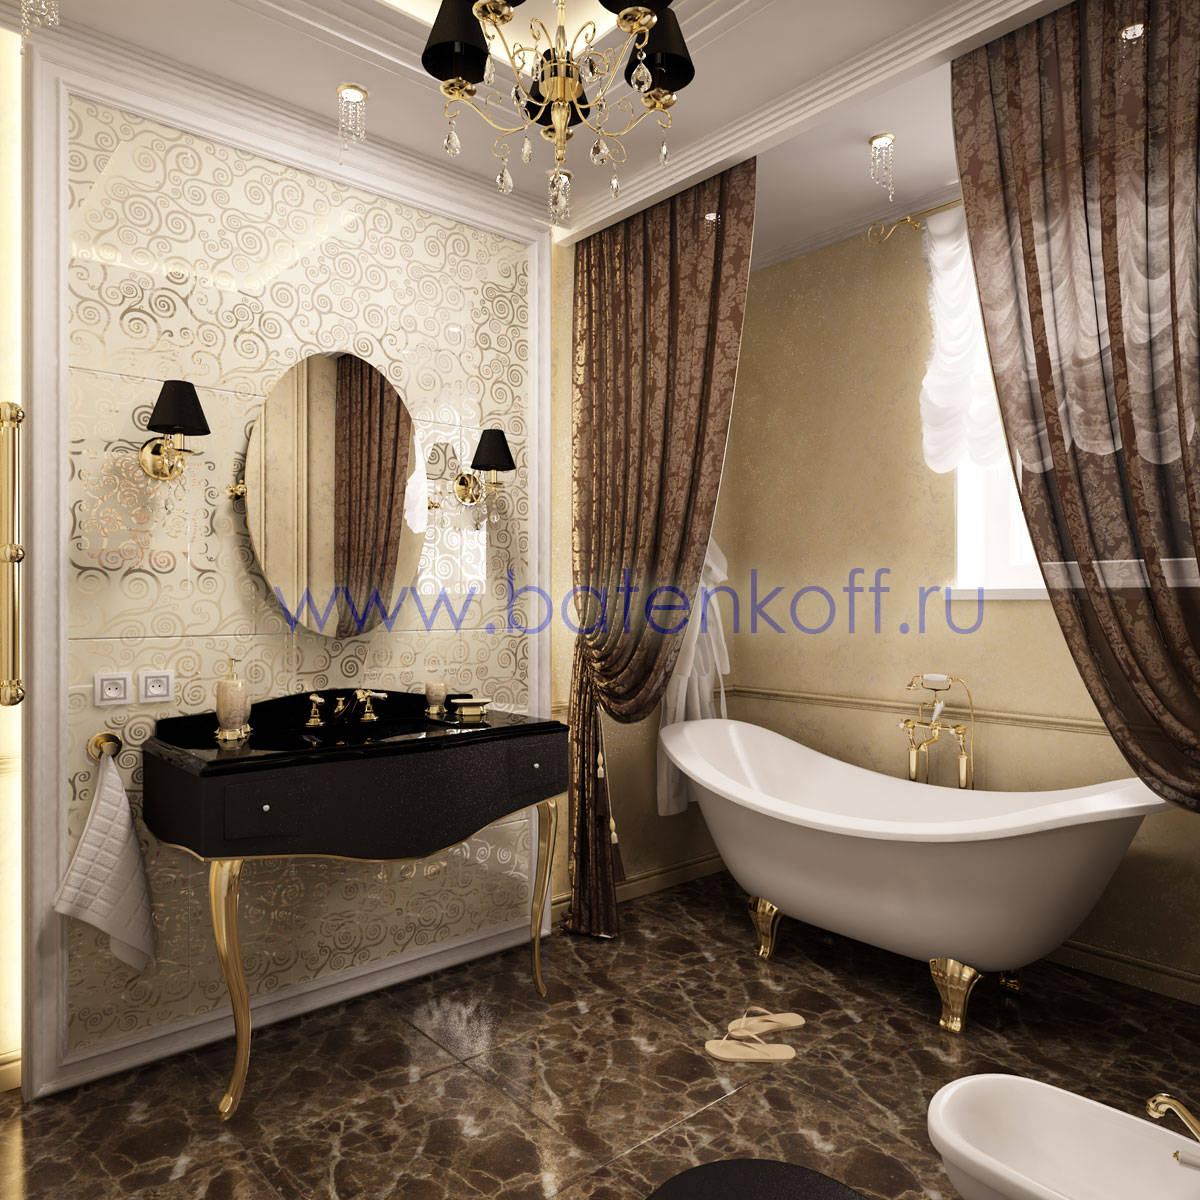 Проект интерьеров ванной комнаты Душевой уголок GuteWetter Practic Rectan GK-403 левая 90x70 см стекло бесцветное, профиль матовый хр